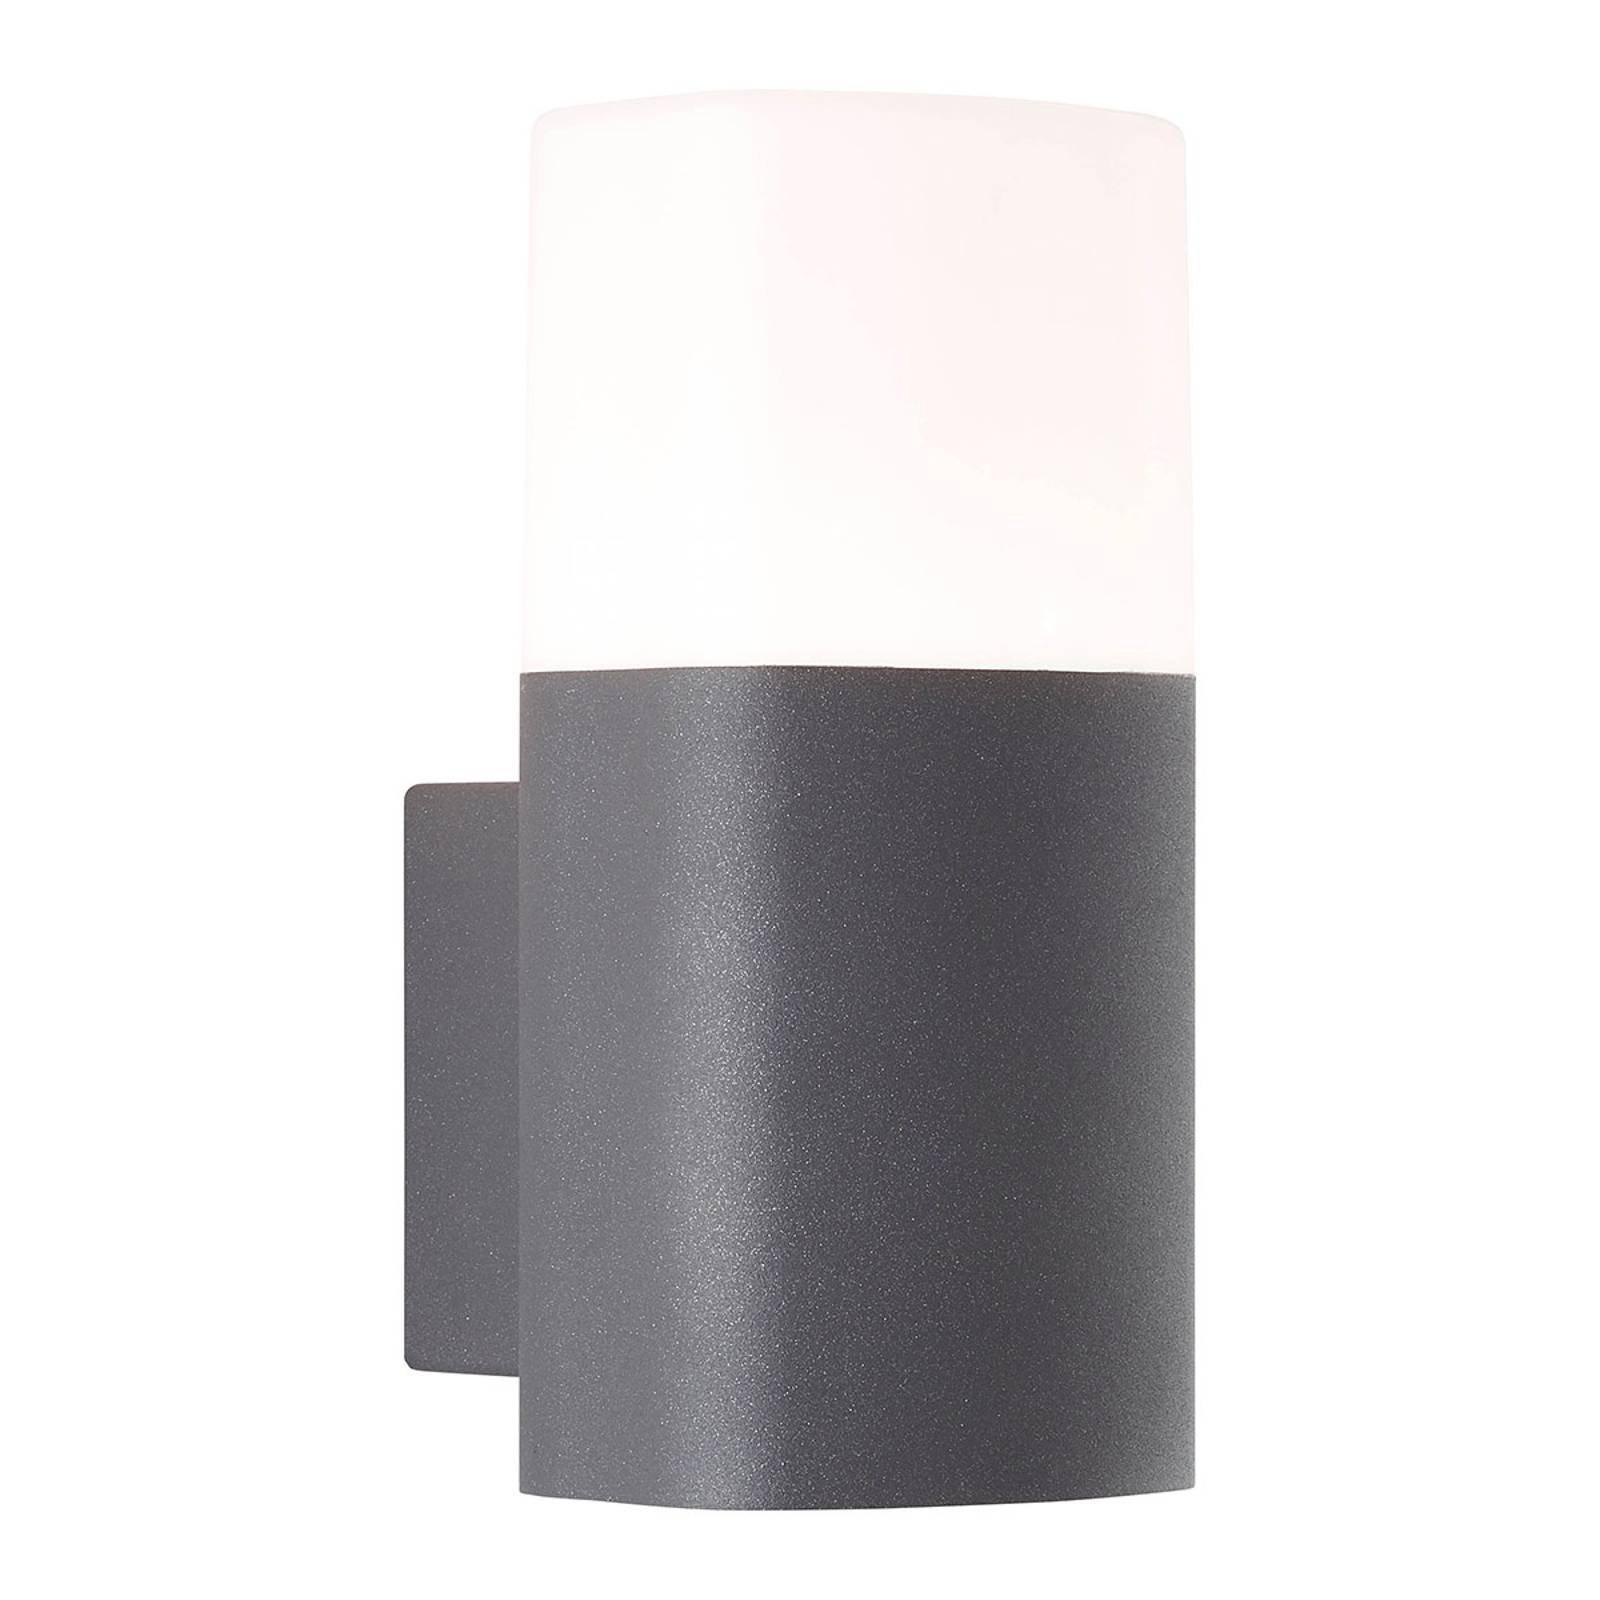 AEG Farlay utendørs LED-vegglampe, 1 lyskilde